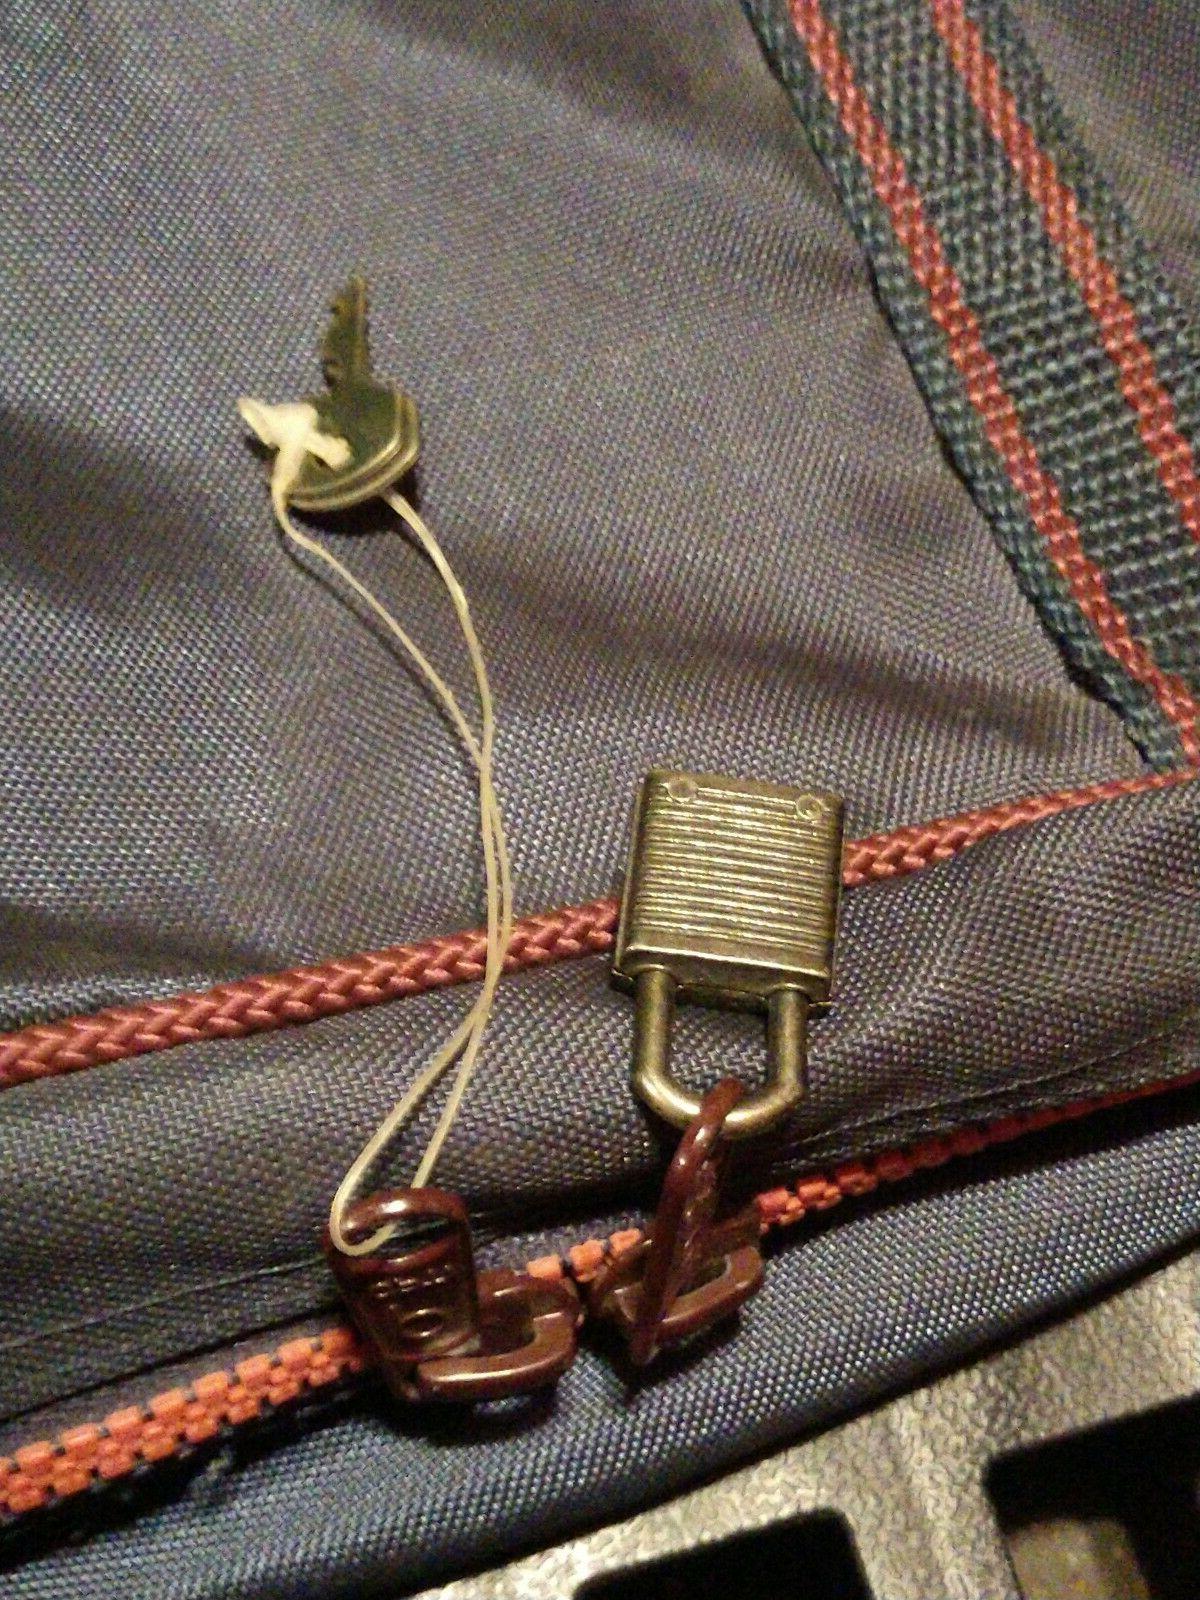 Gloria Vanderbilt Lightweight Luggage Lock & Keys